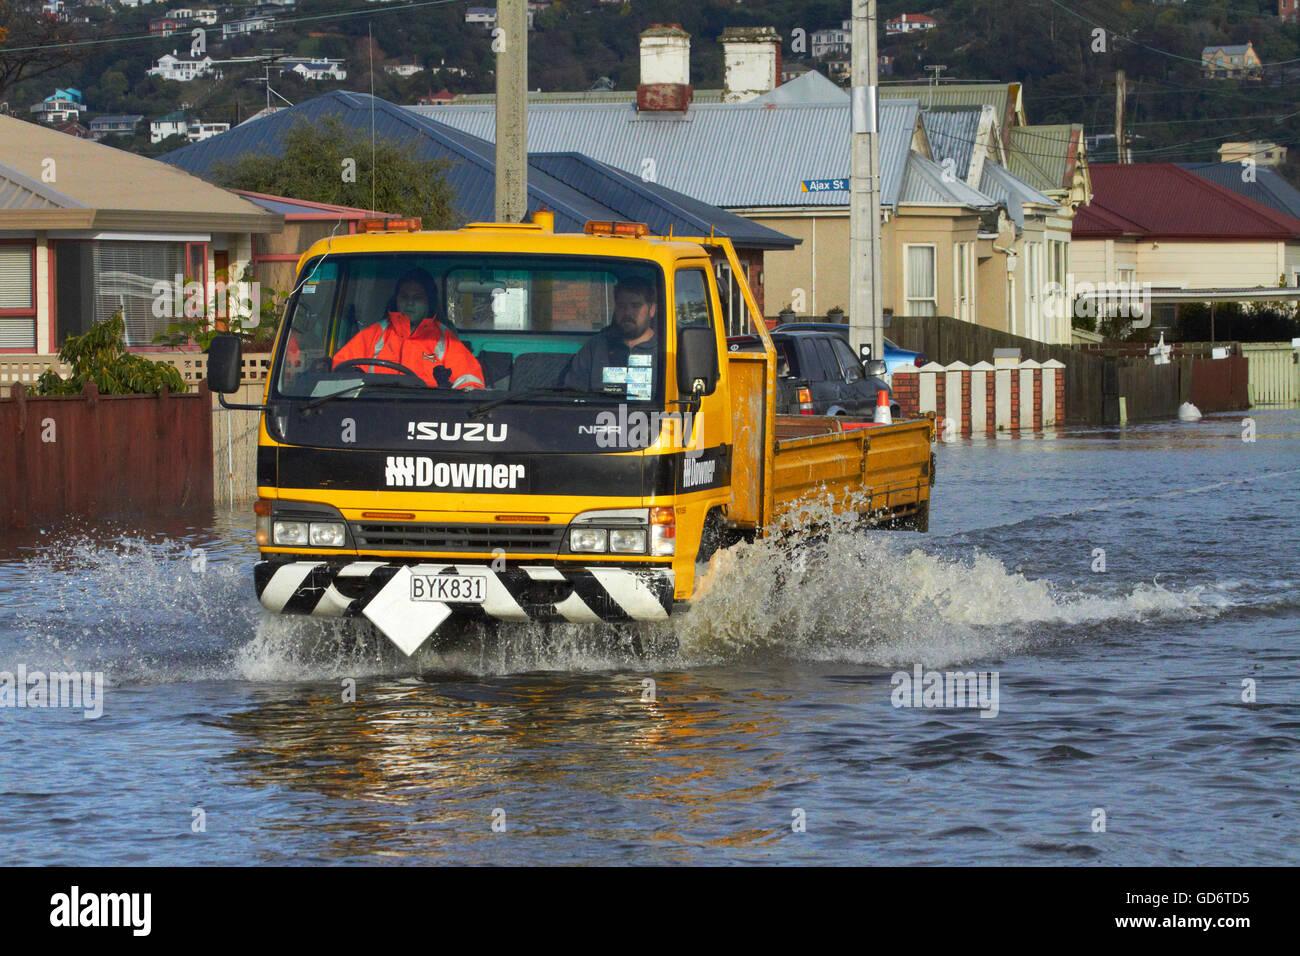 Chariot sur inondé le Bay View Road, South Dunedin Dunedin, inondations, île du Sud, Nouvelle-Zélande Banque D'Images